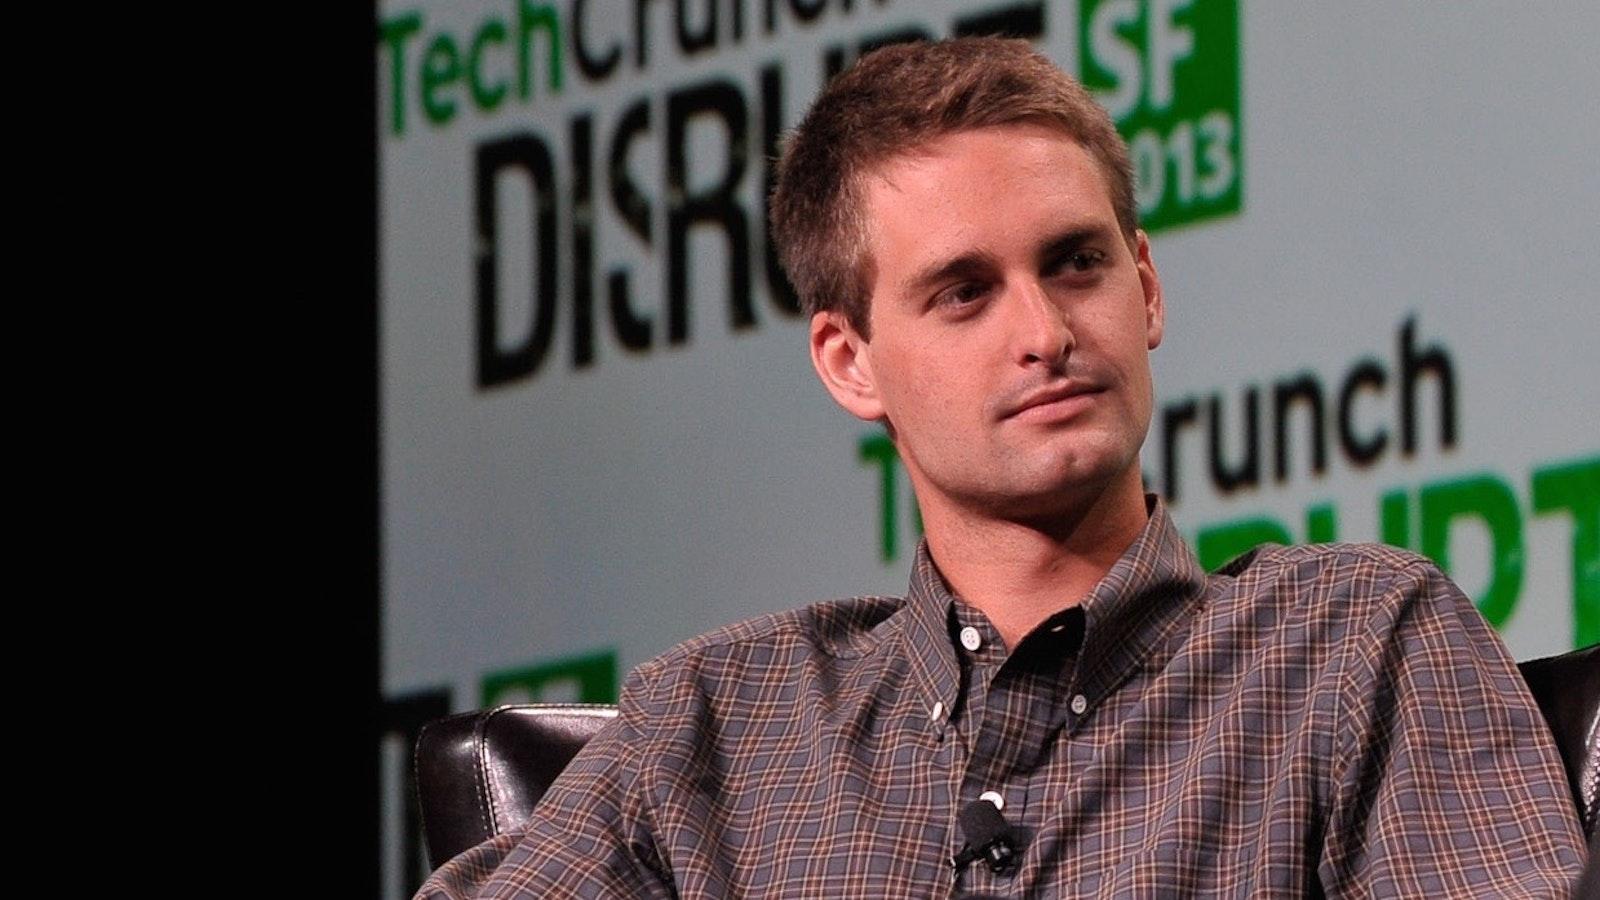 Snap CEO Evan Spiegel. Photo by Flickr/TechCrunch.